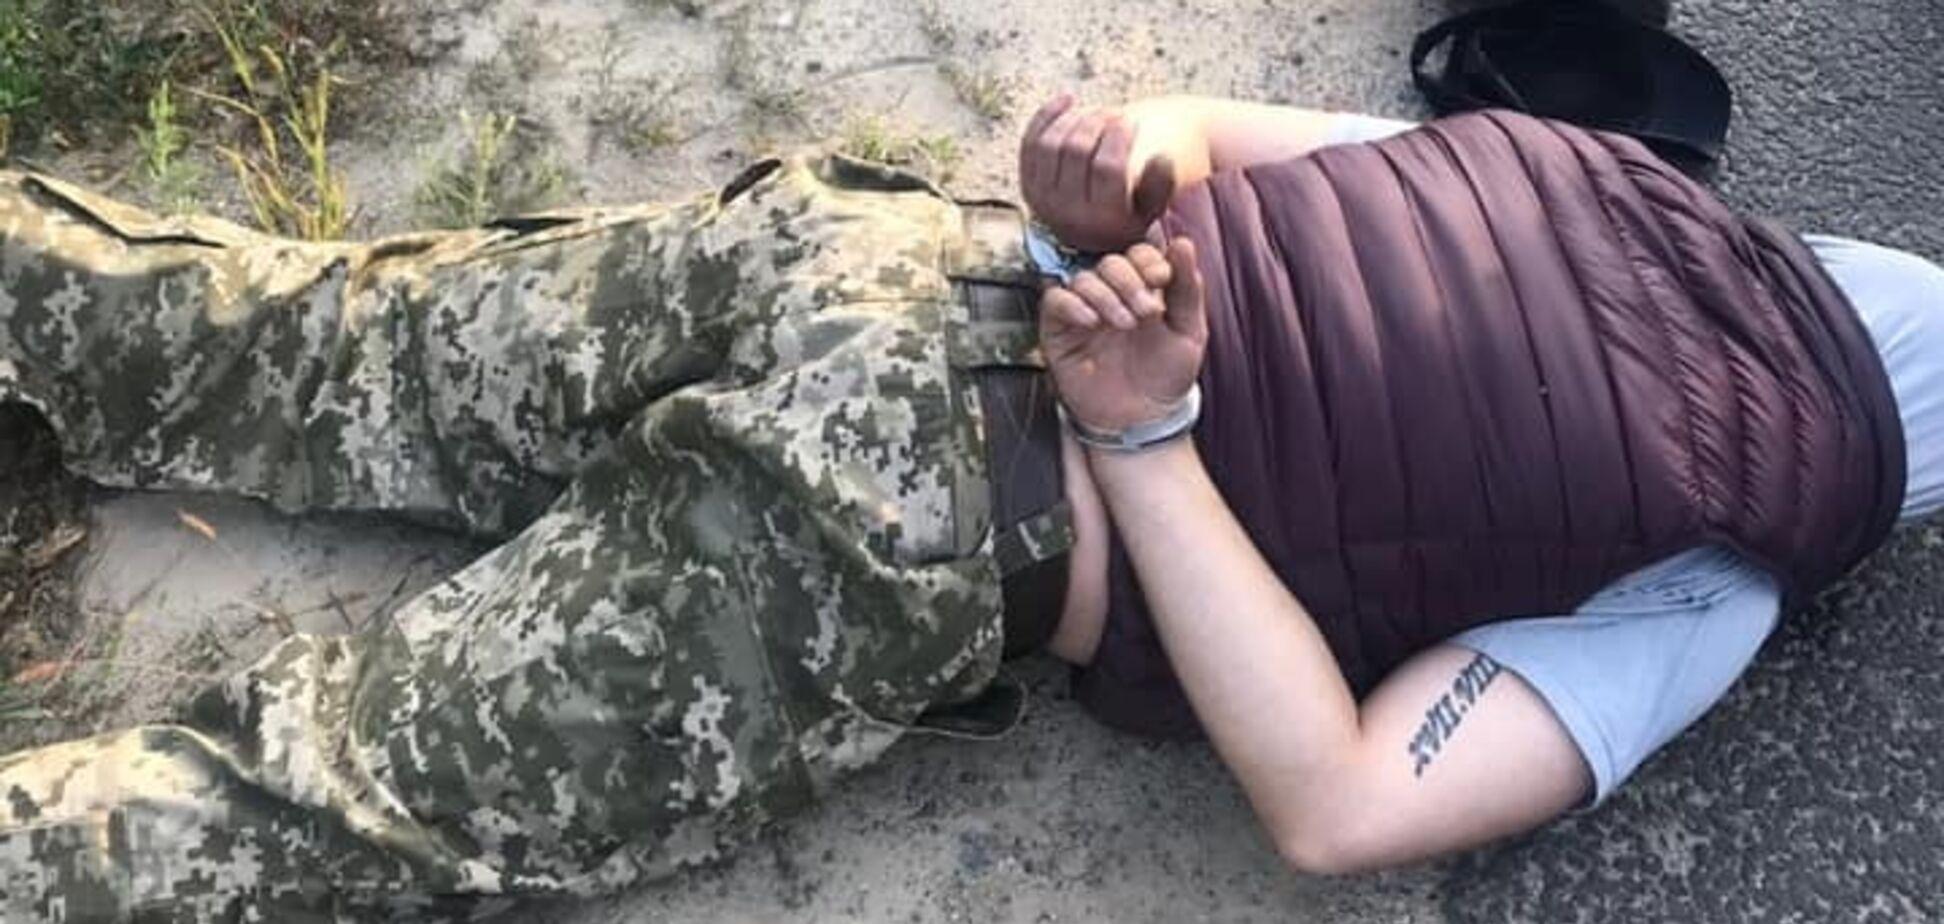 Підприємство під Києвом намагалися захопити озброєні особи: момент потрапив на відео